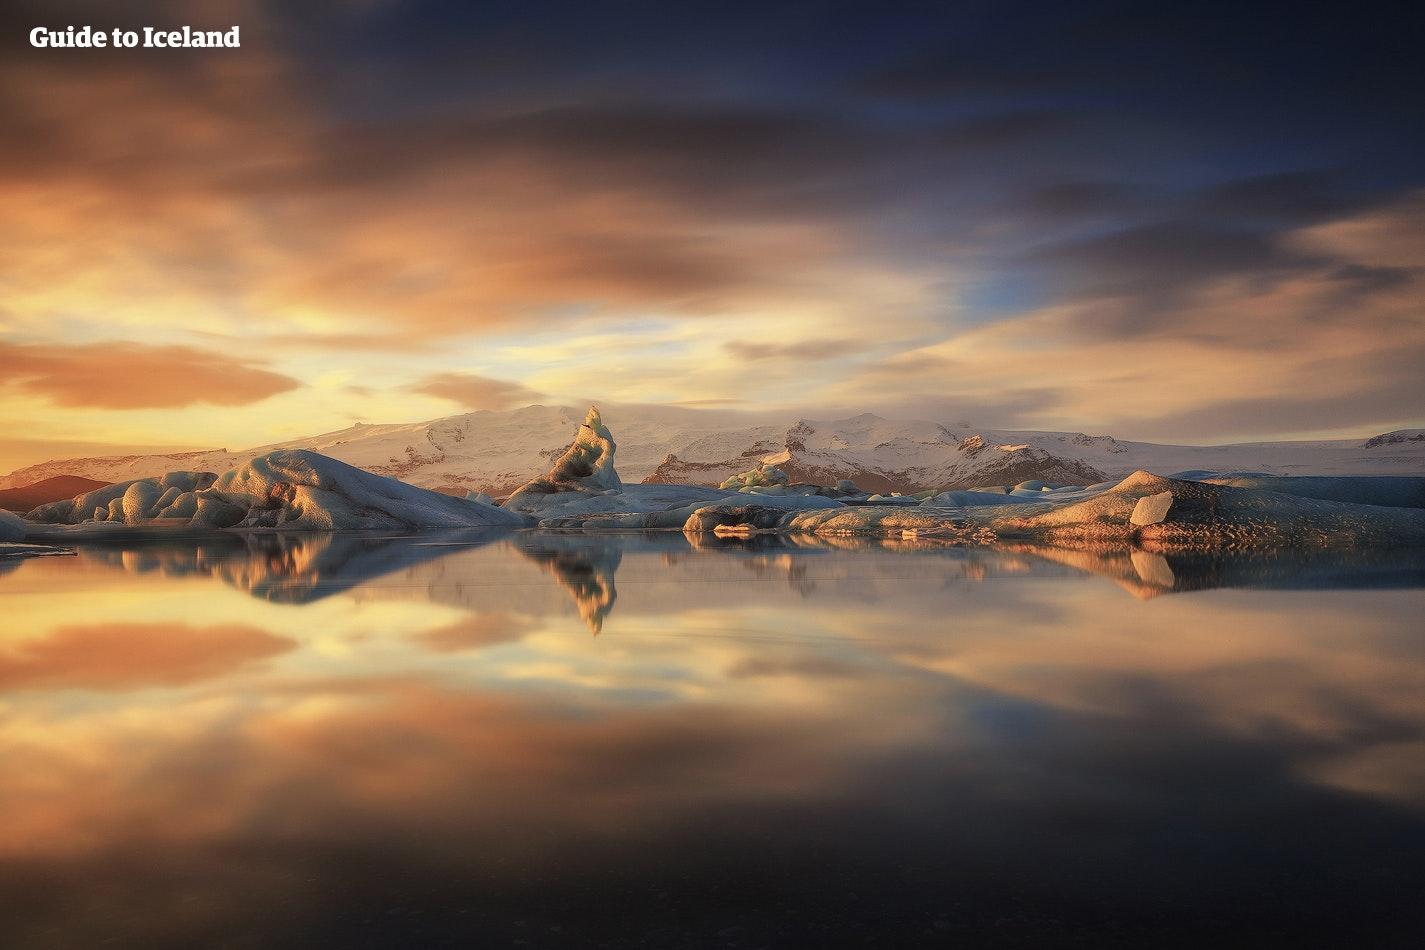 杰古沙龙冰河湖位于冰岛东南地区,吸引了无数来自世界各地的游客到此朝圣